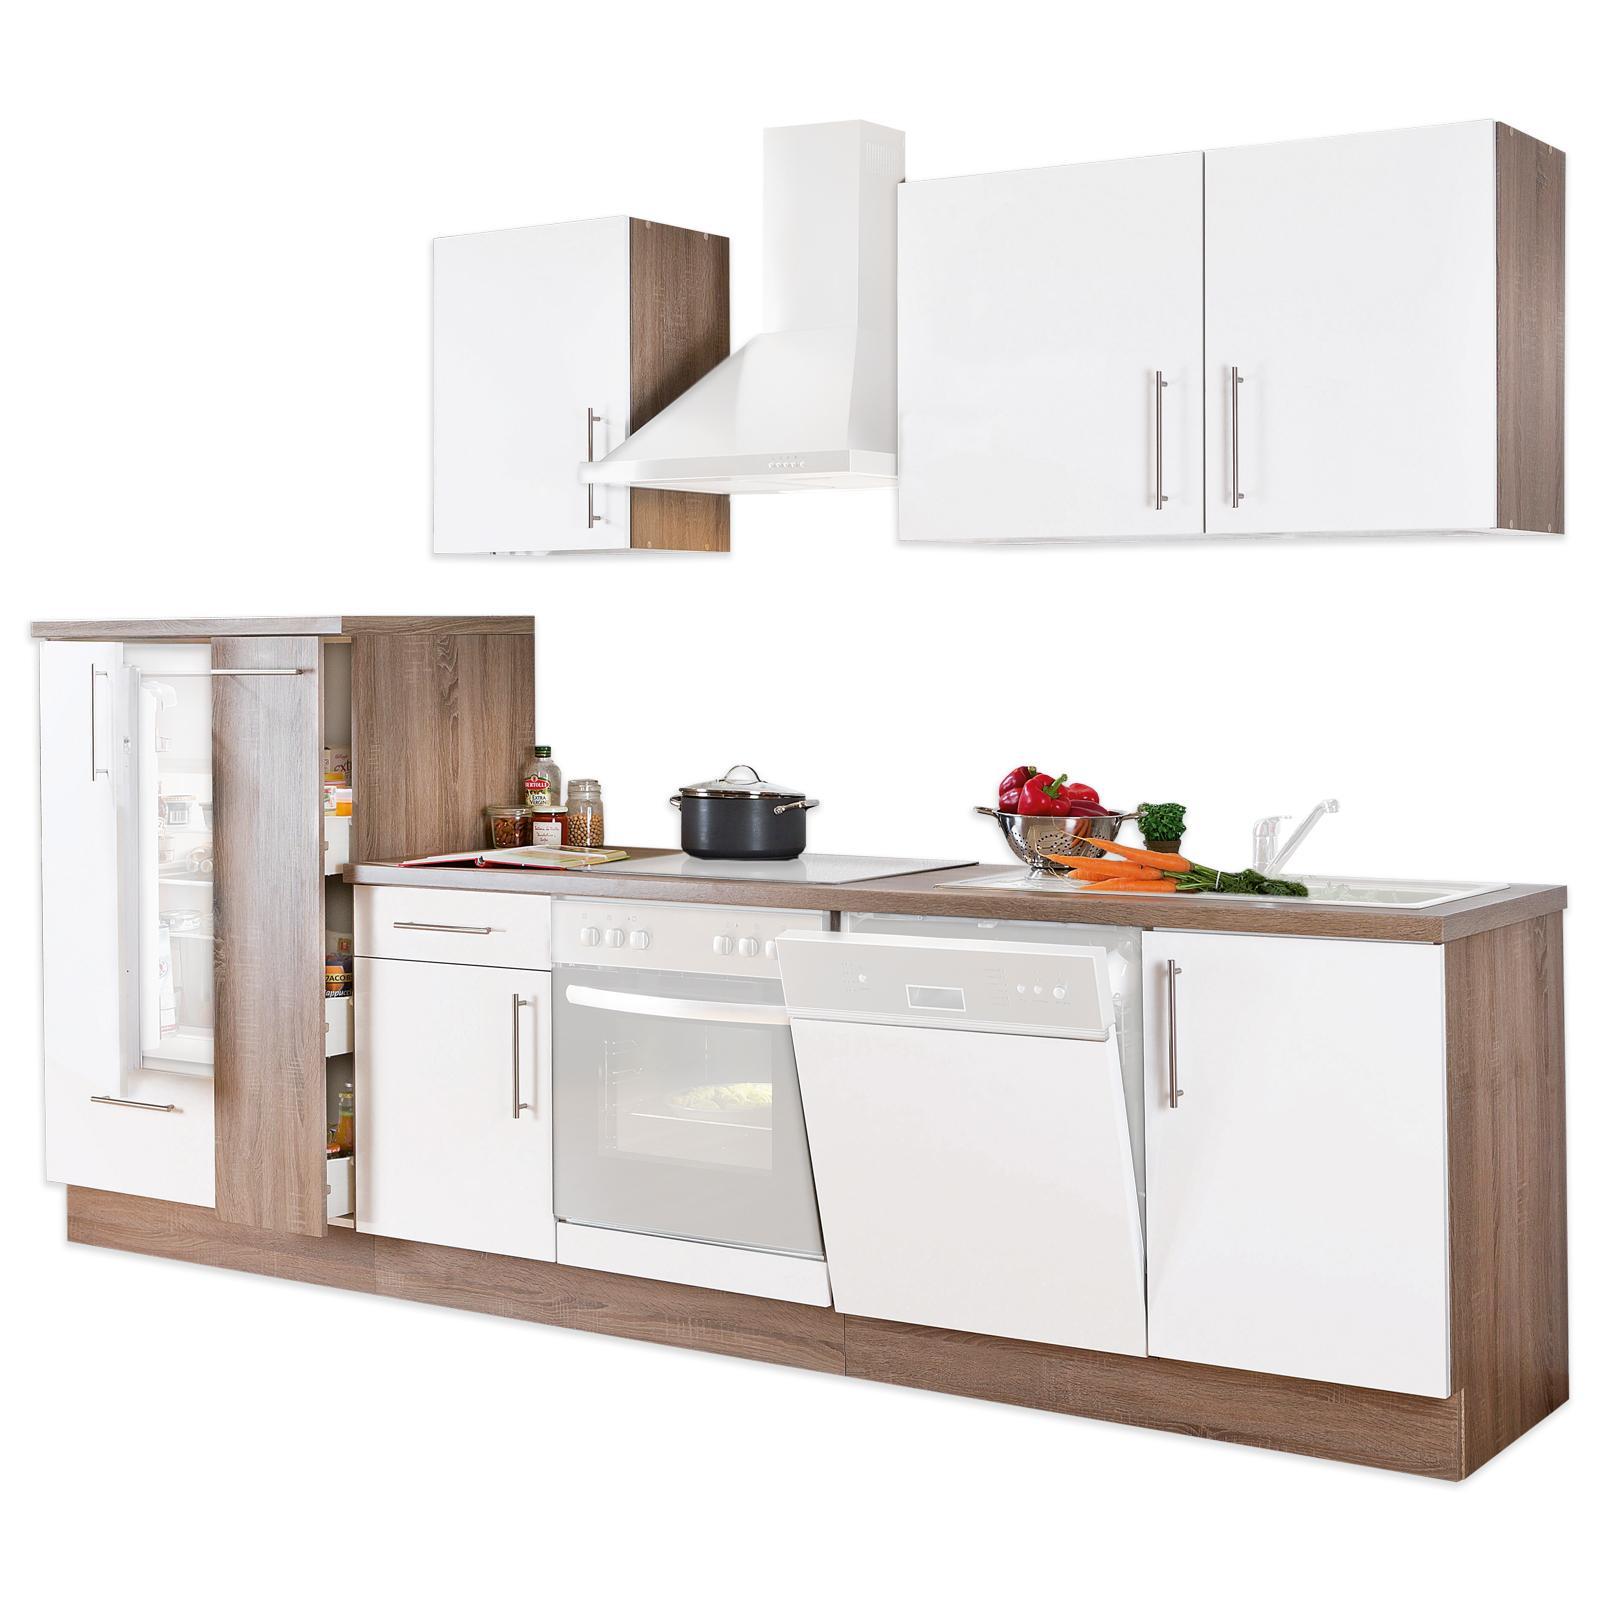 Full Size of Eck Anrichte Küche Anrichte Küche Antik Anrichte Küche Vintage Sideboard Küche Hängend Küche Anrichte Küche